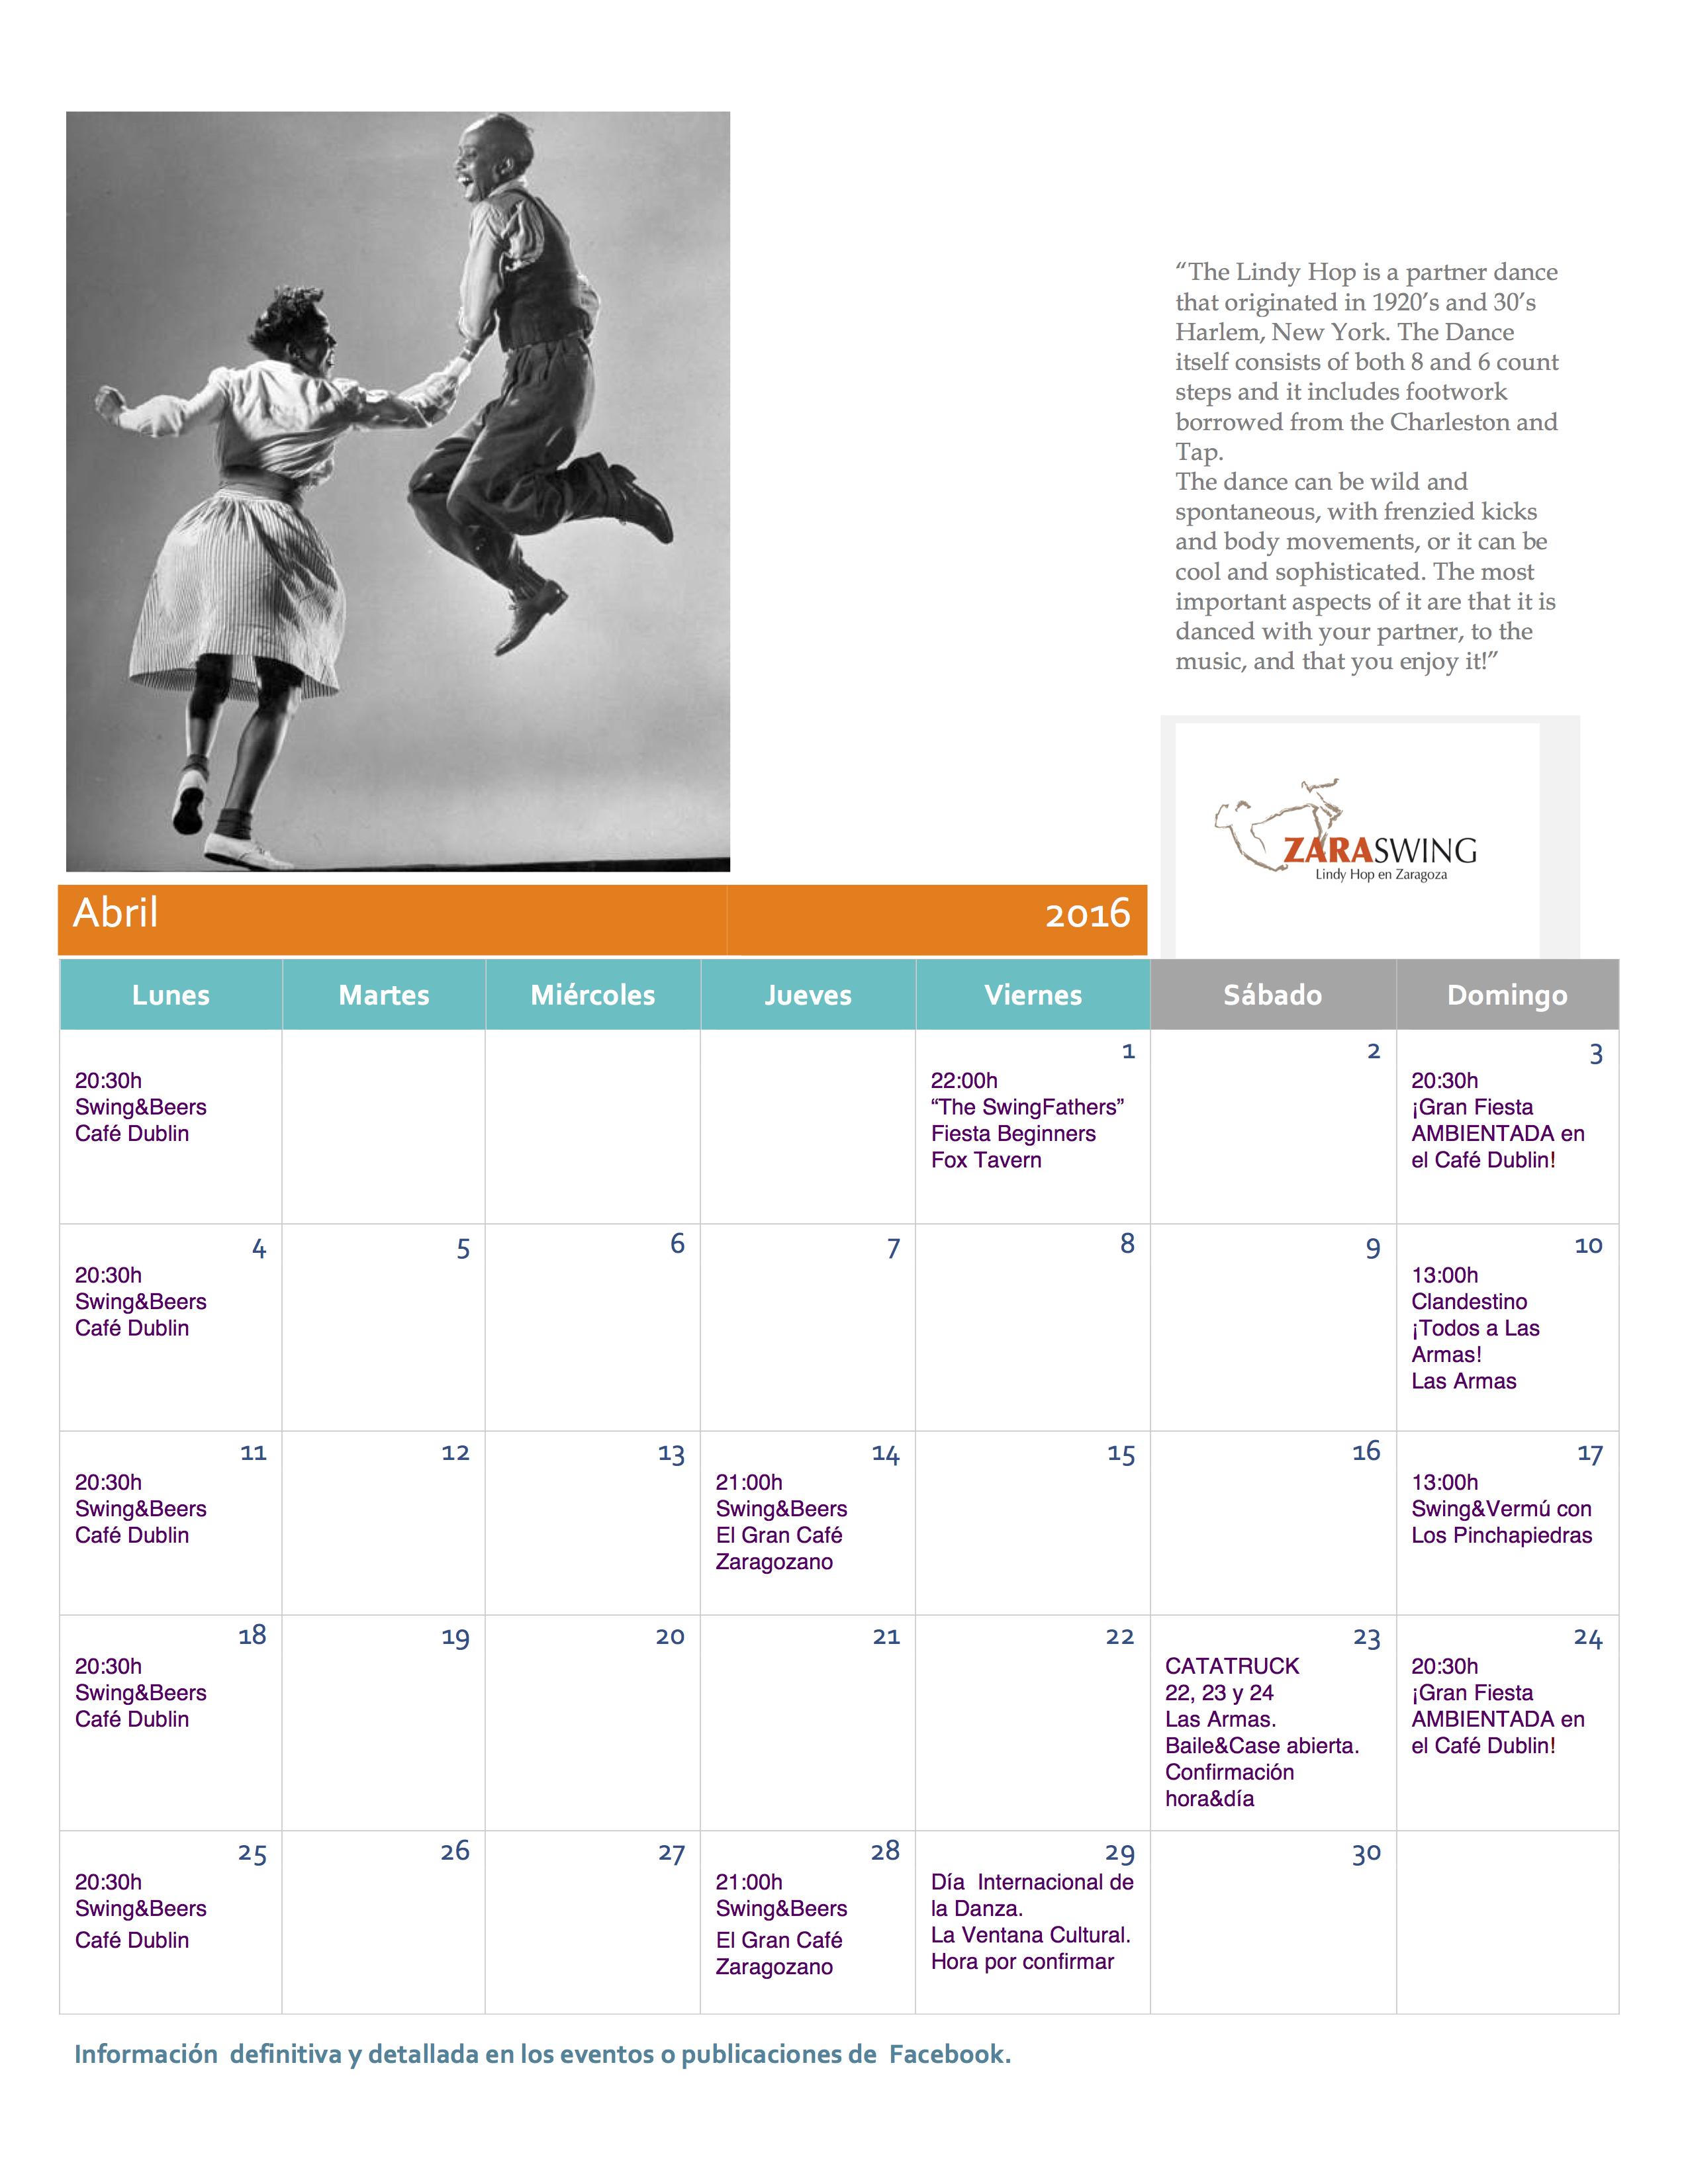 calendario_2016_04